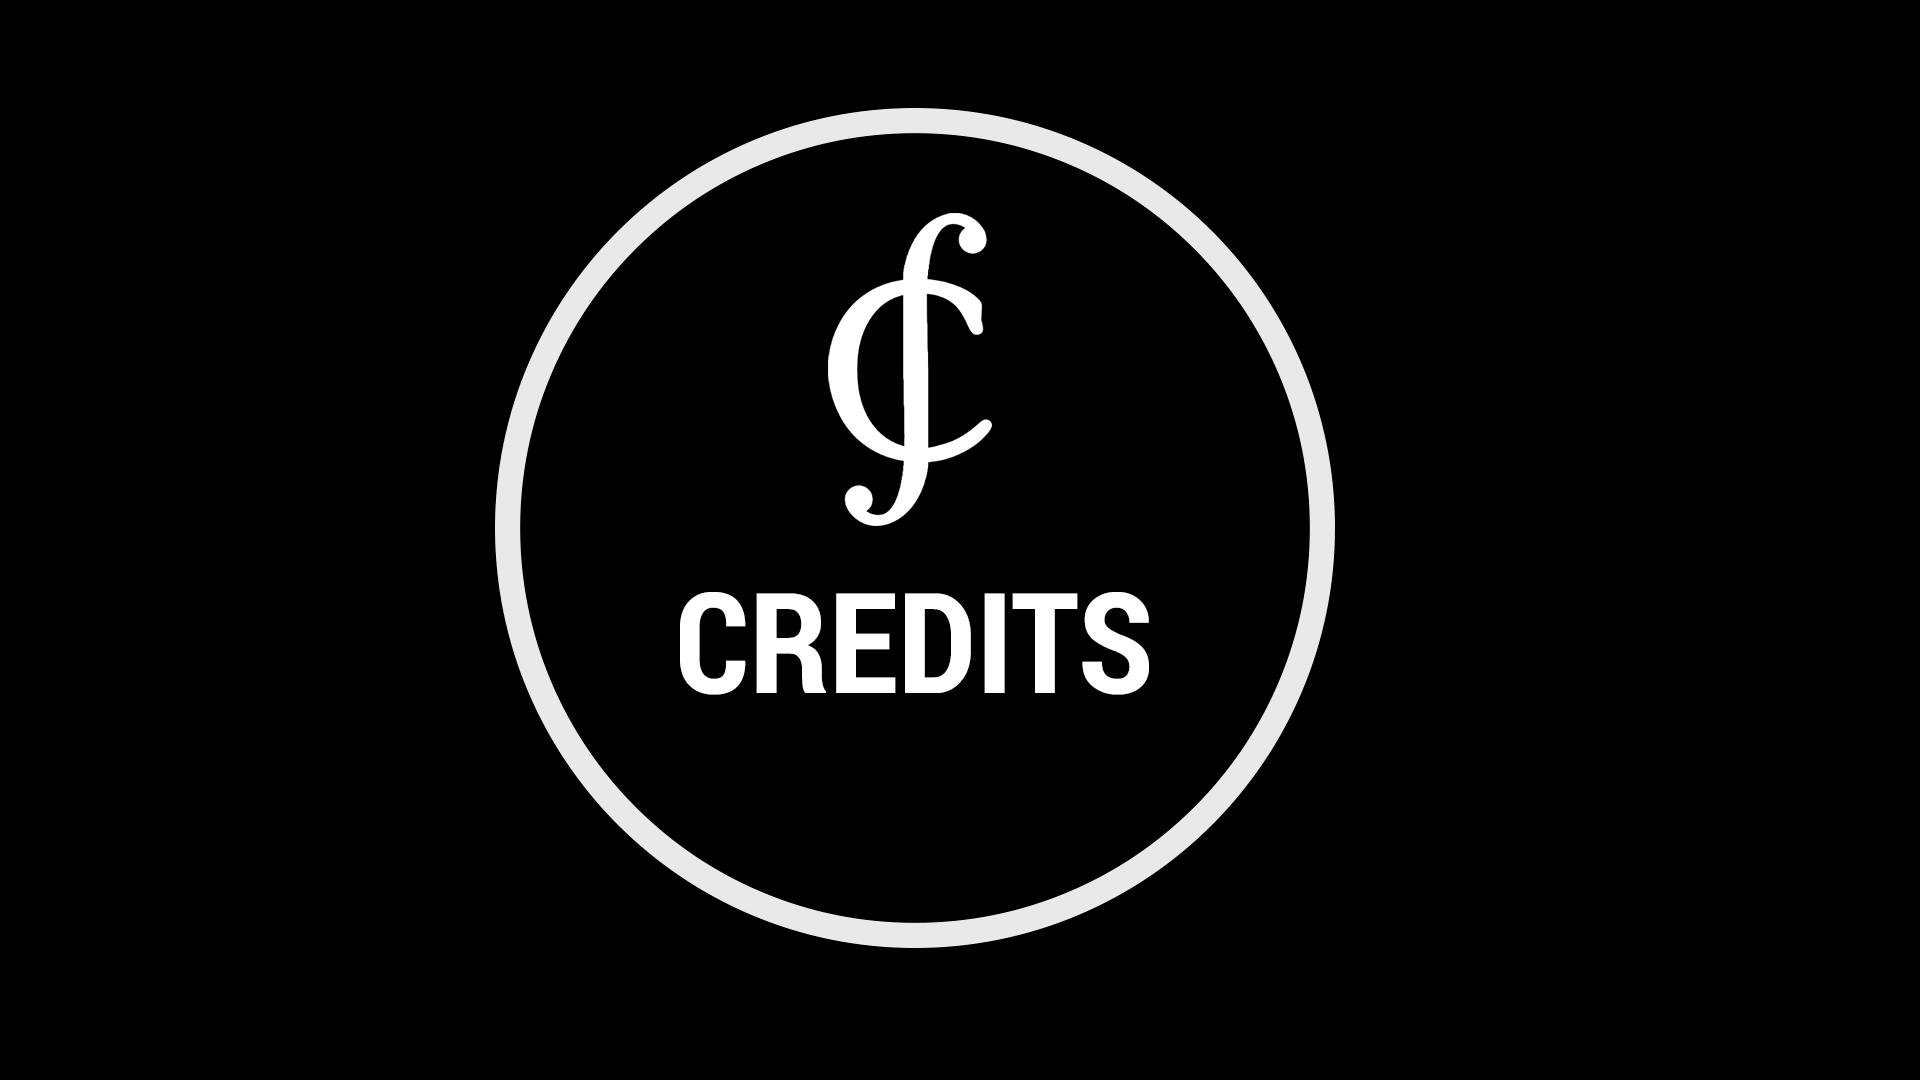 [QC] Dự án ICO Credits đáng so sánh tiềm năng với Ethereum, Bitcoin